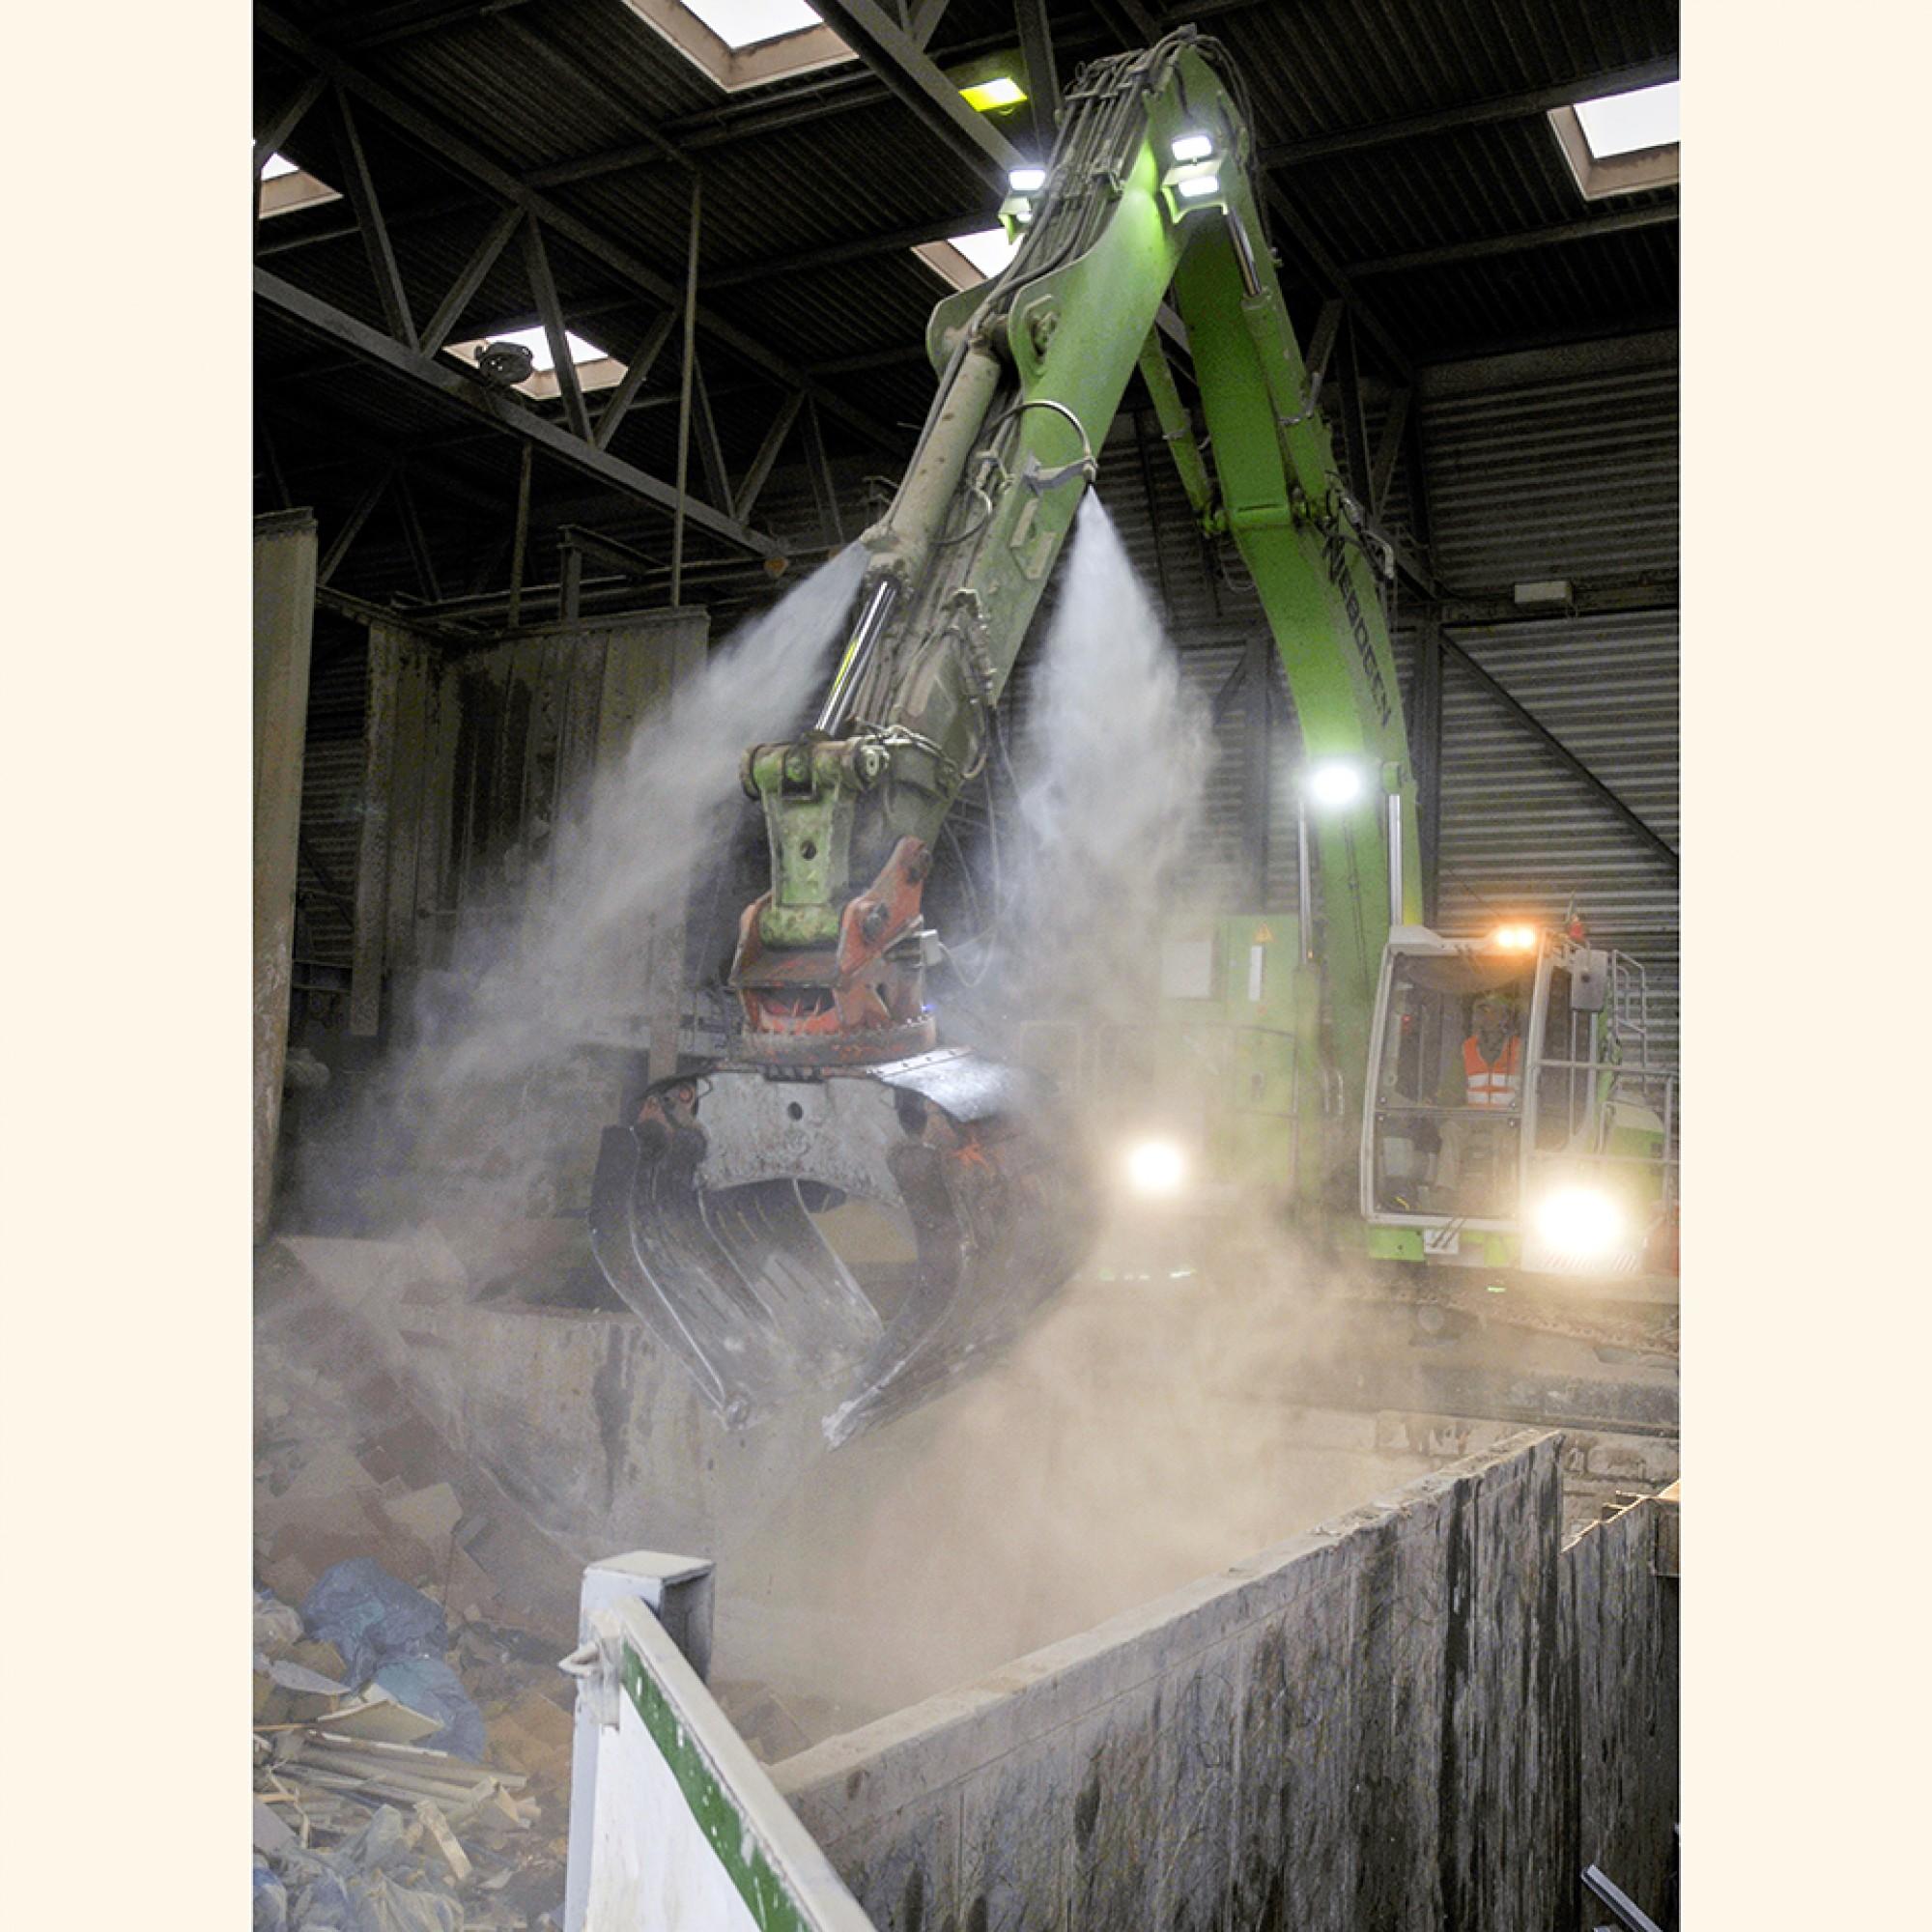 Der Sennebogen-Elektrobagger verfügt über zwei Wasserdüsen. Wenn zuviel Staub entsteht, wird dieser gebunden, um die Mitarbeitenden und die Umgebung zu schützen.